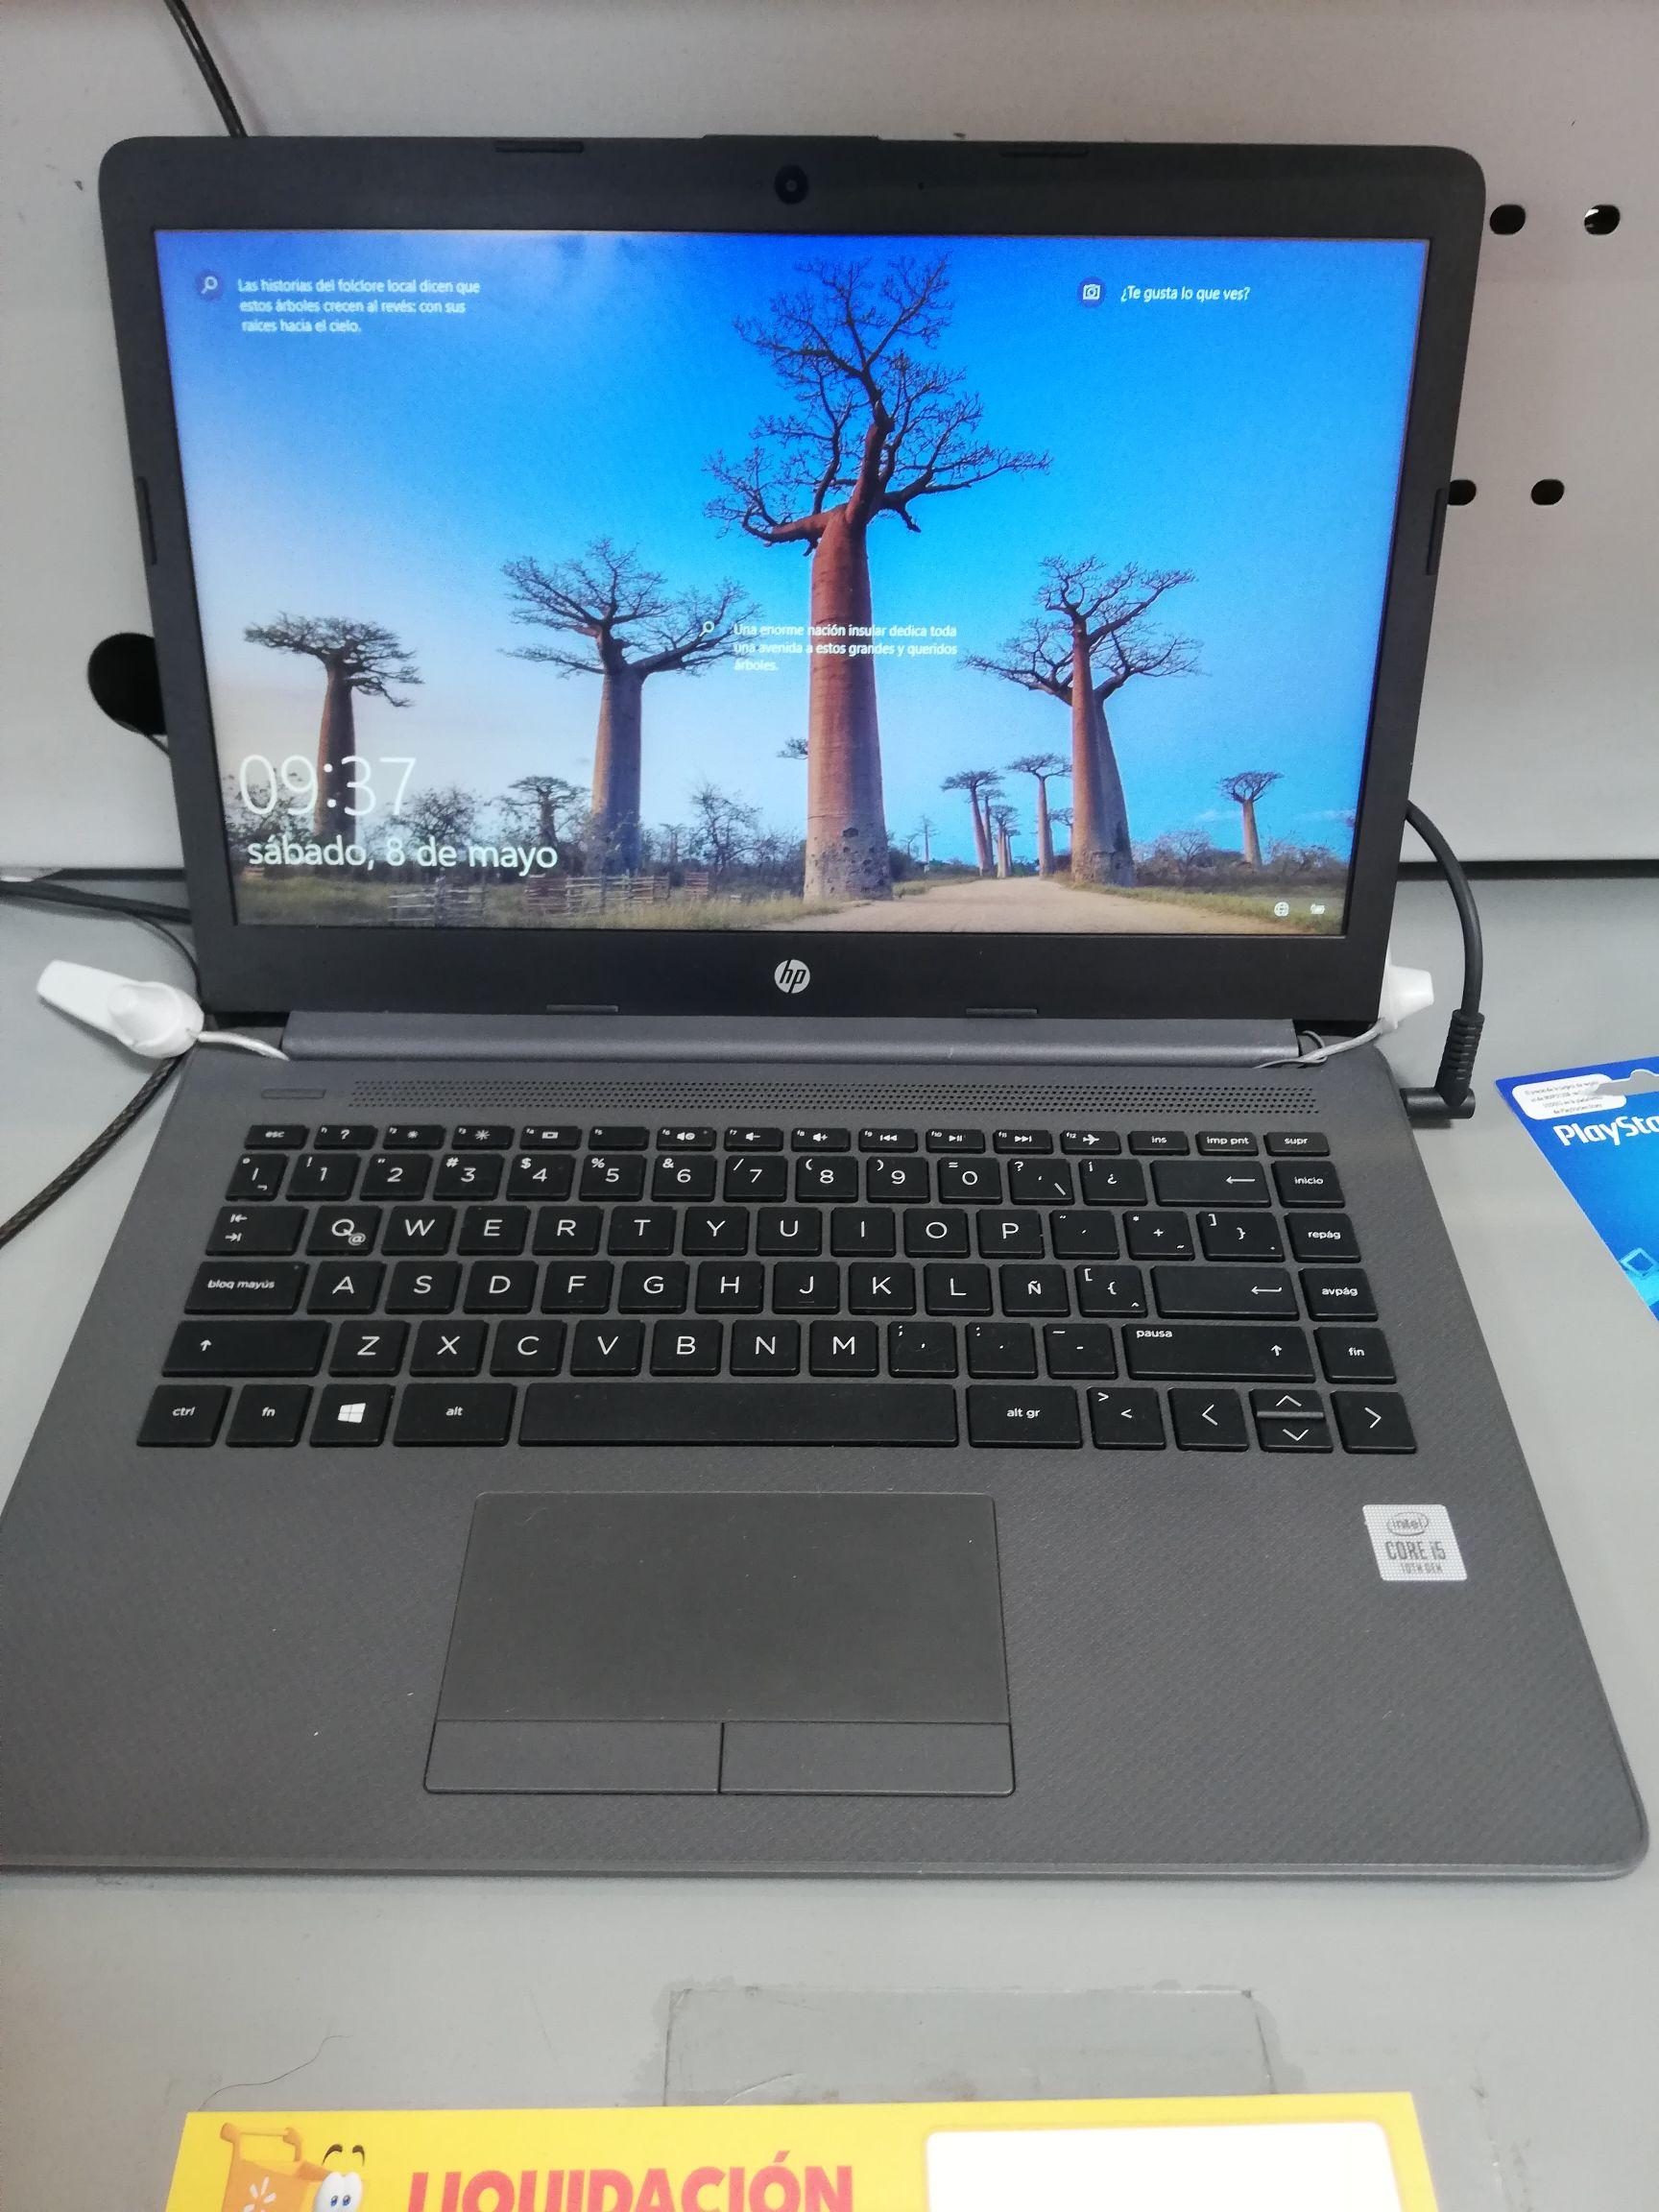 Walmart - Laptop HP i5, 1 Tb, 8 GB RAM